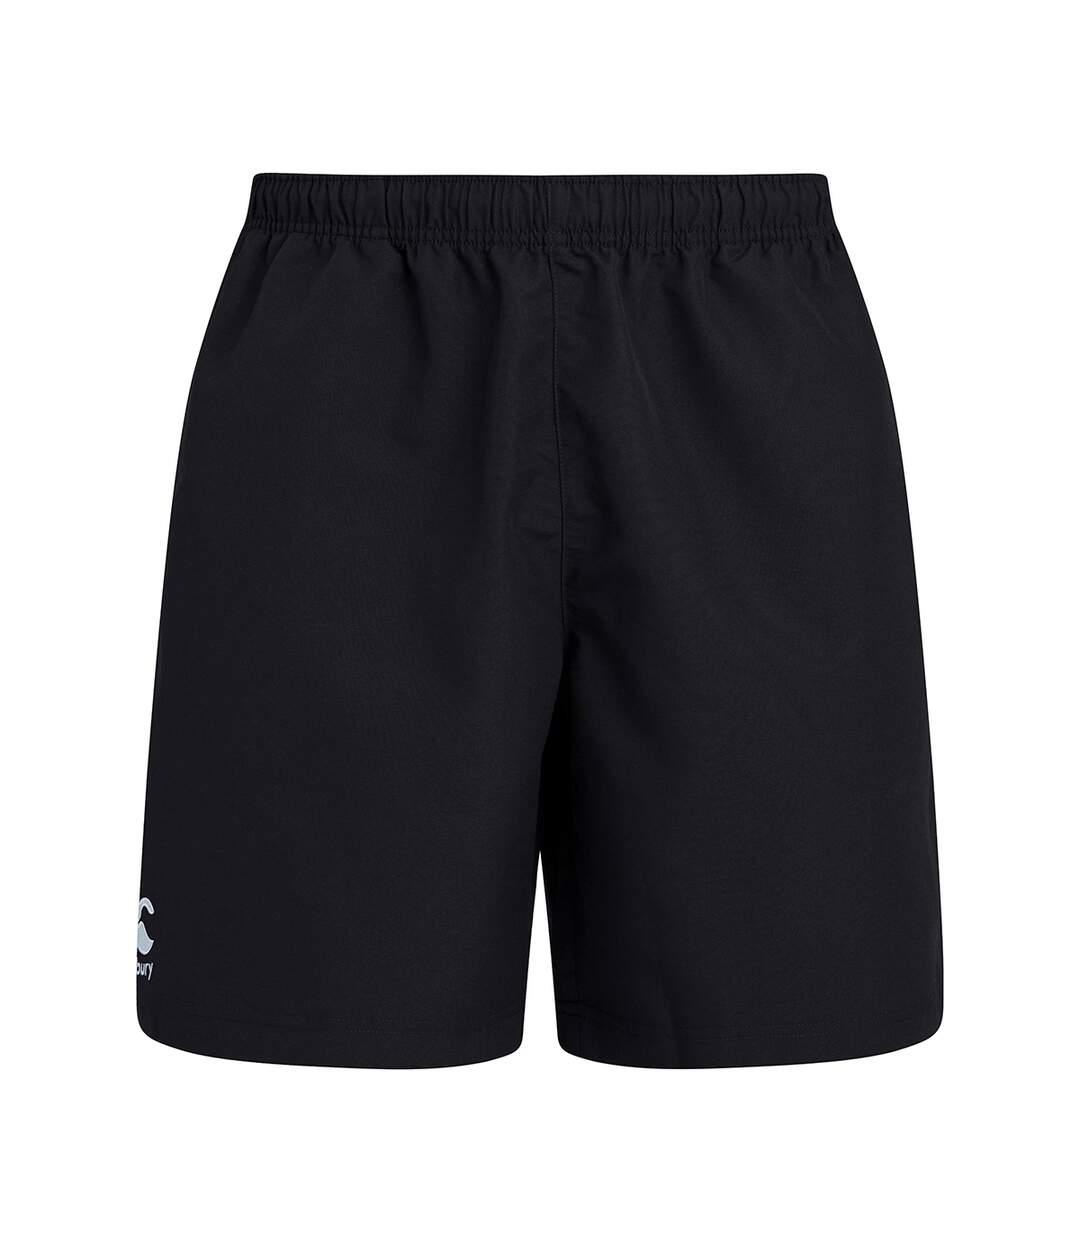 Canterbury Mens Club Shorts (Black) - UTPC4373